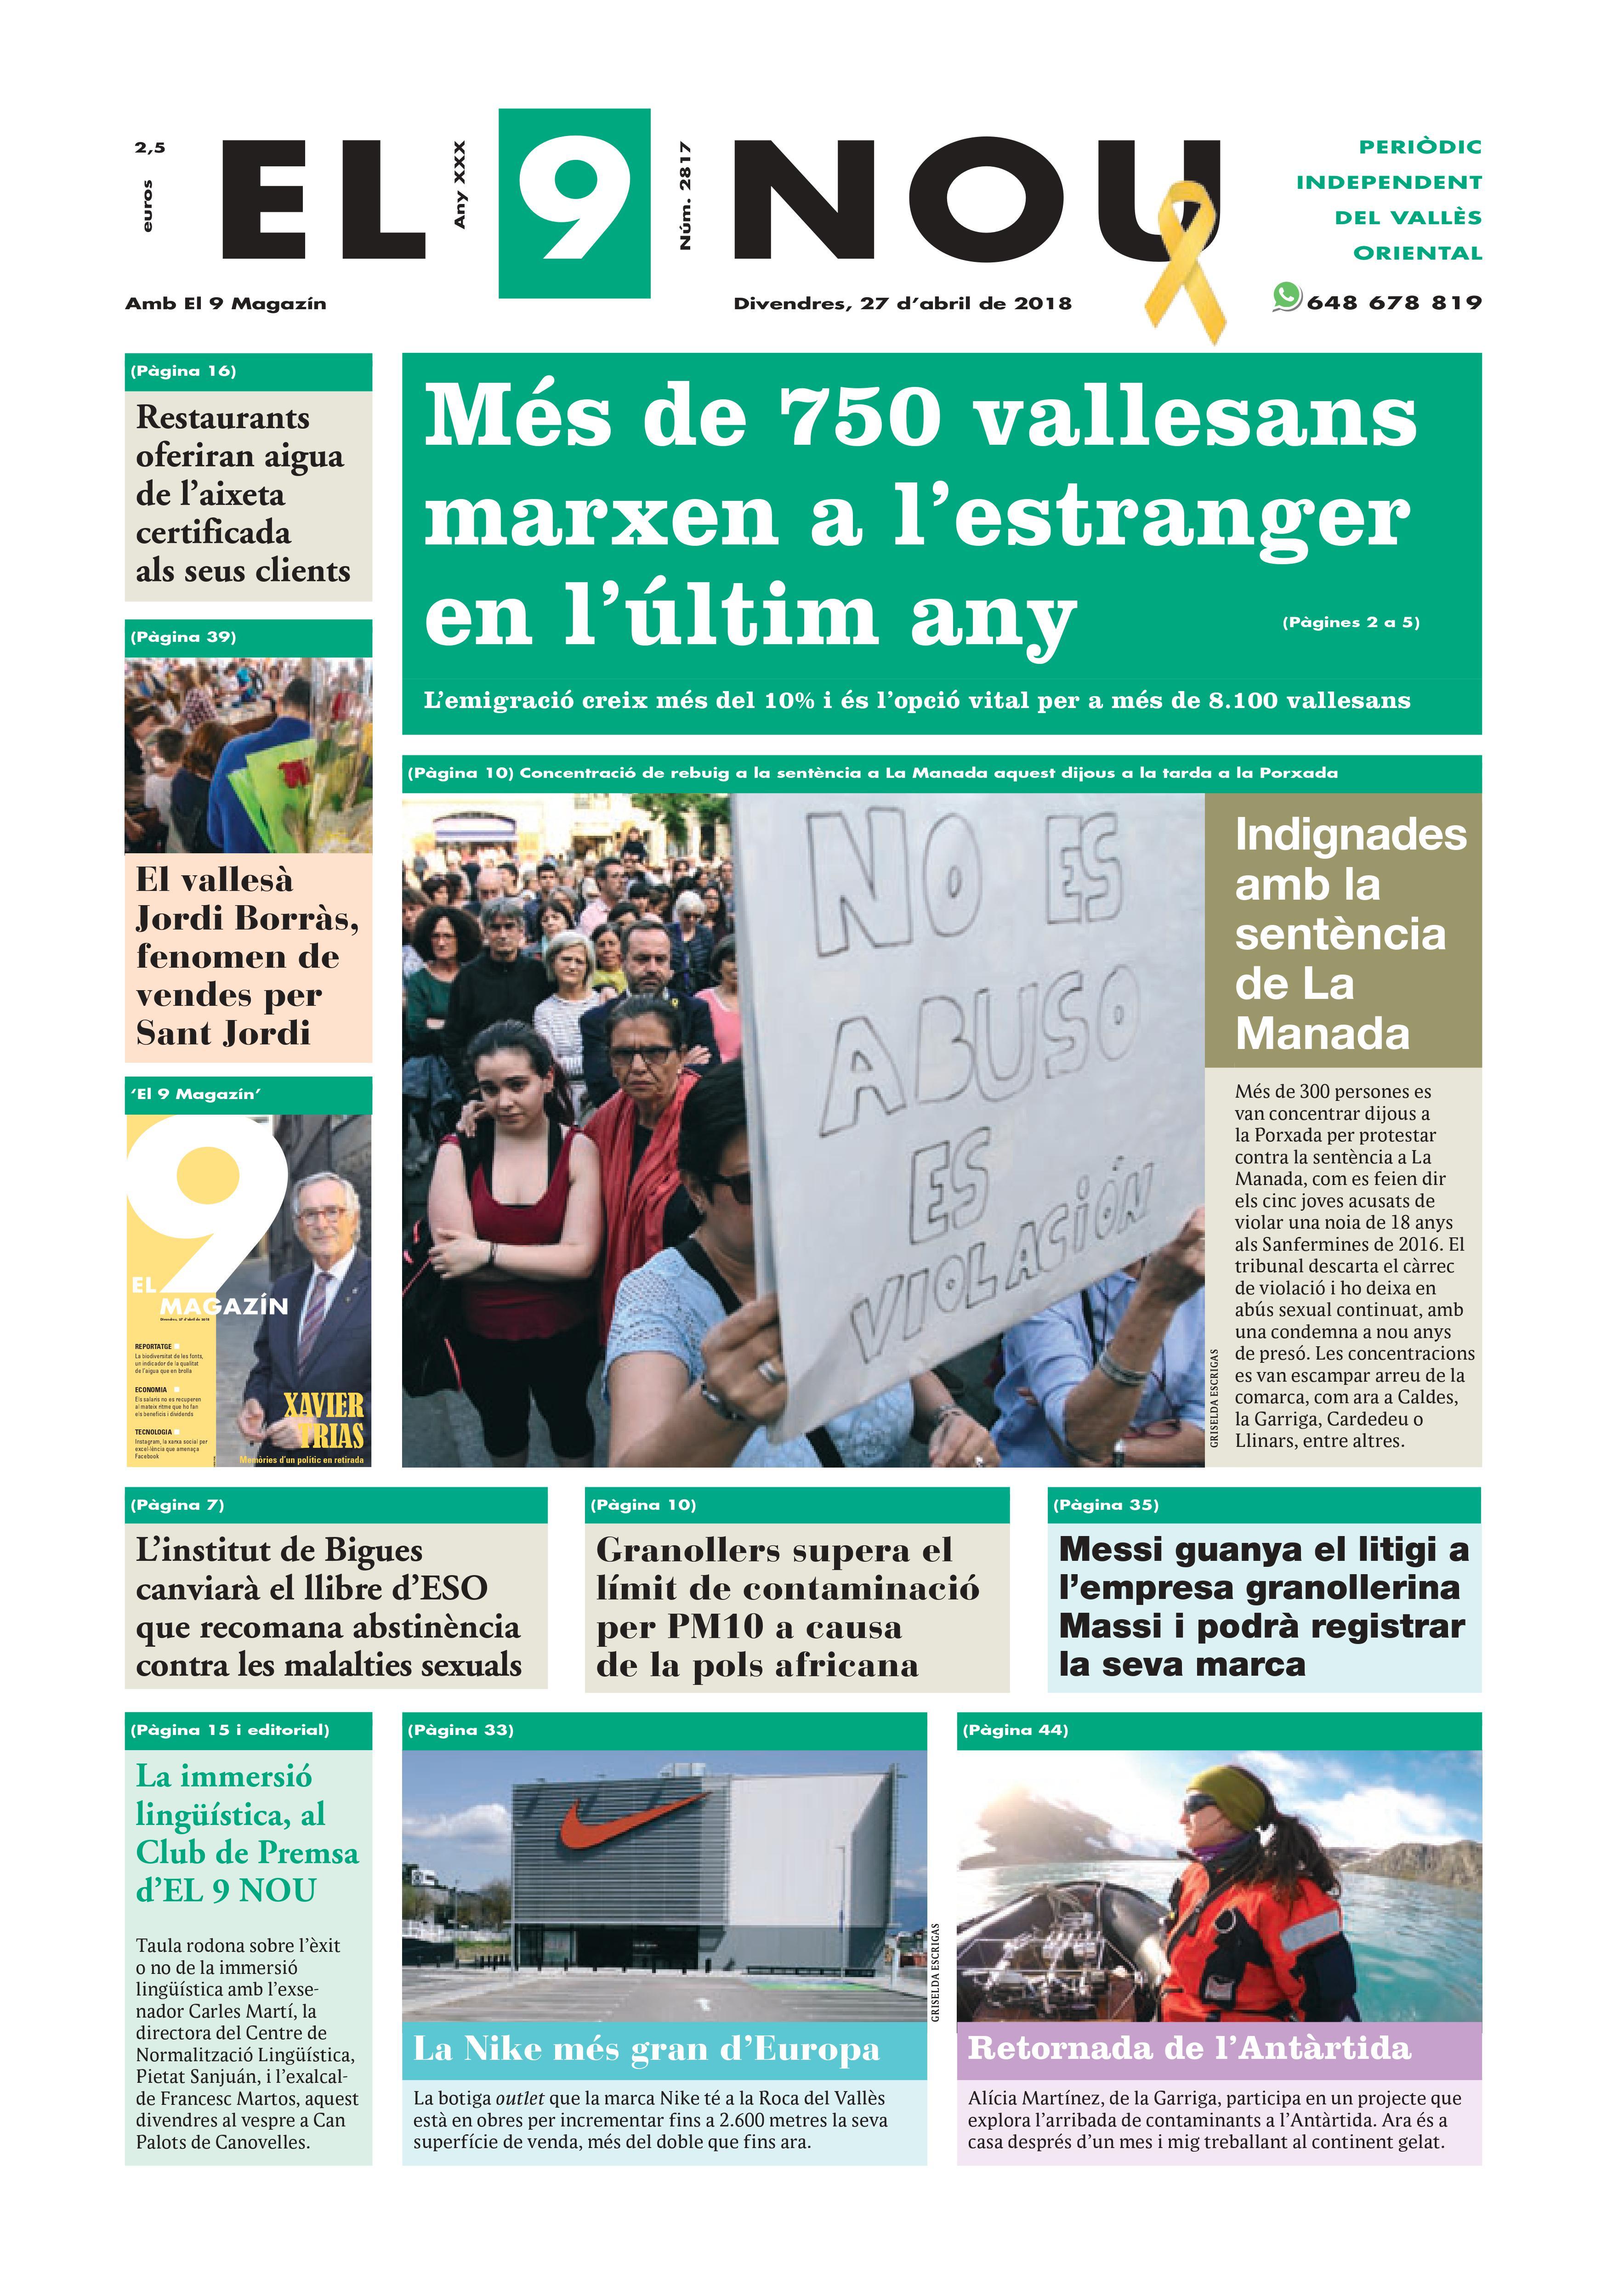 Primera plana EL 9 NOU 27_04_18 Vallès